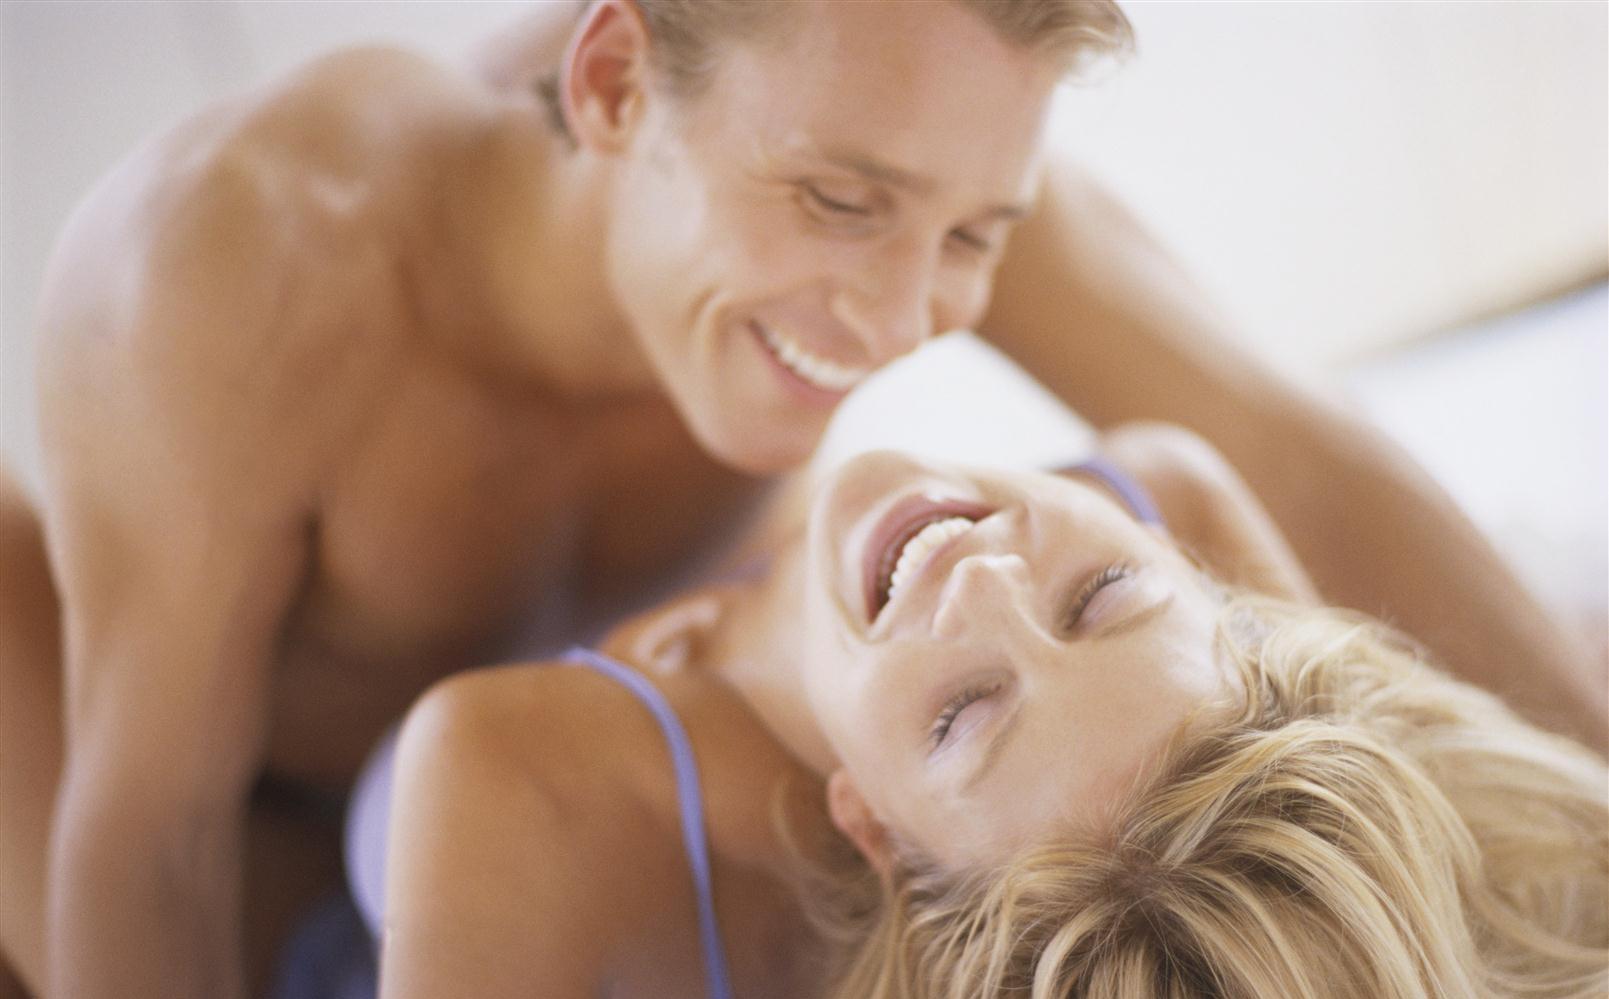 trova scopate italiane amatoriali gratis immagini auguri con uomo nudo